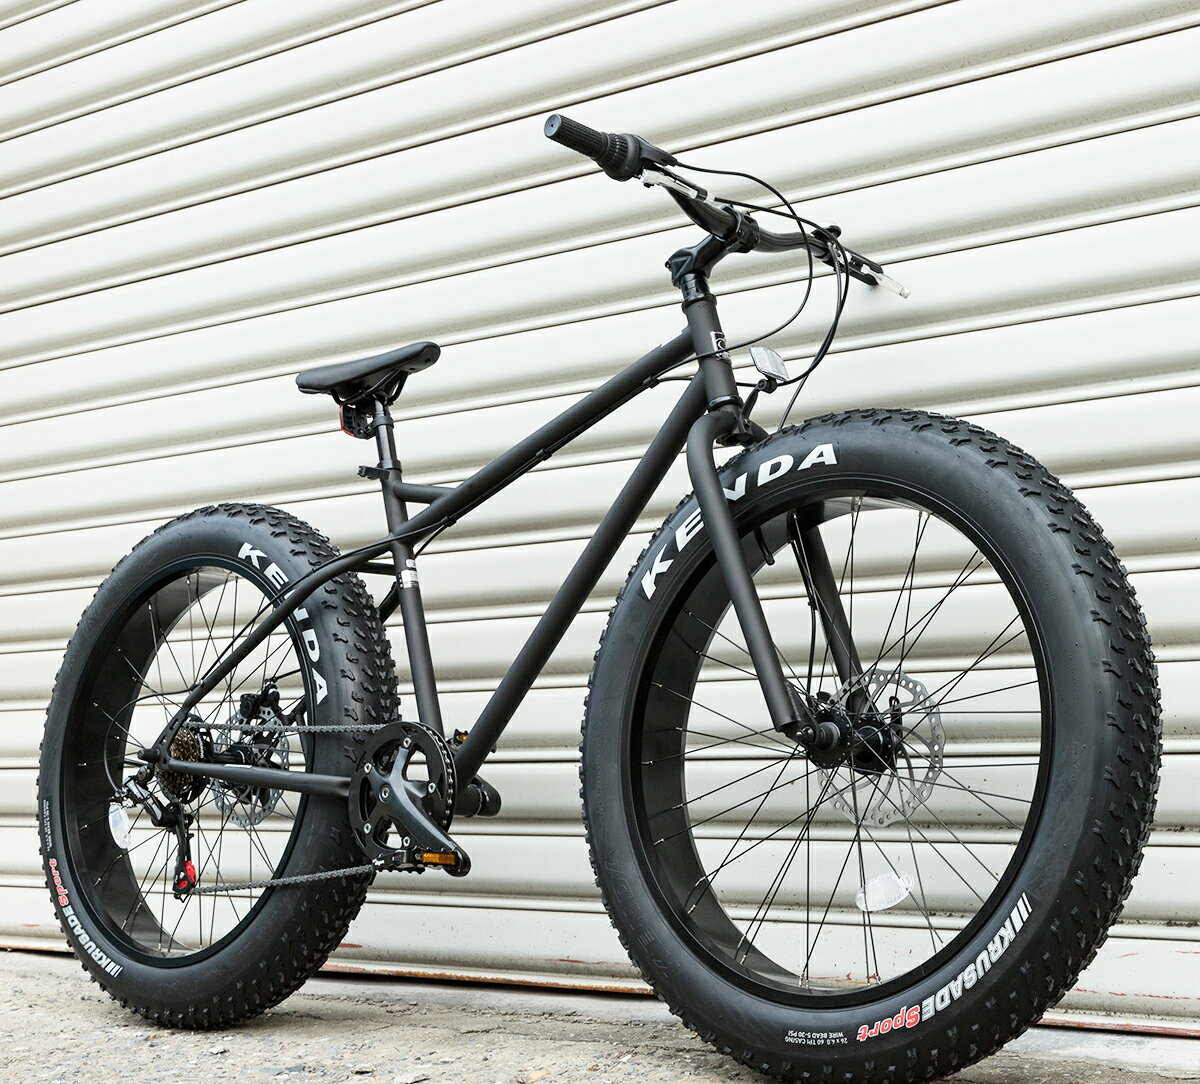 ファットバイク FATBIKE 送料無料 あす楽 26インチ 6段変速 自転車 マットブラック